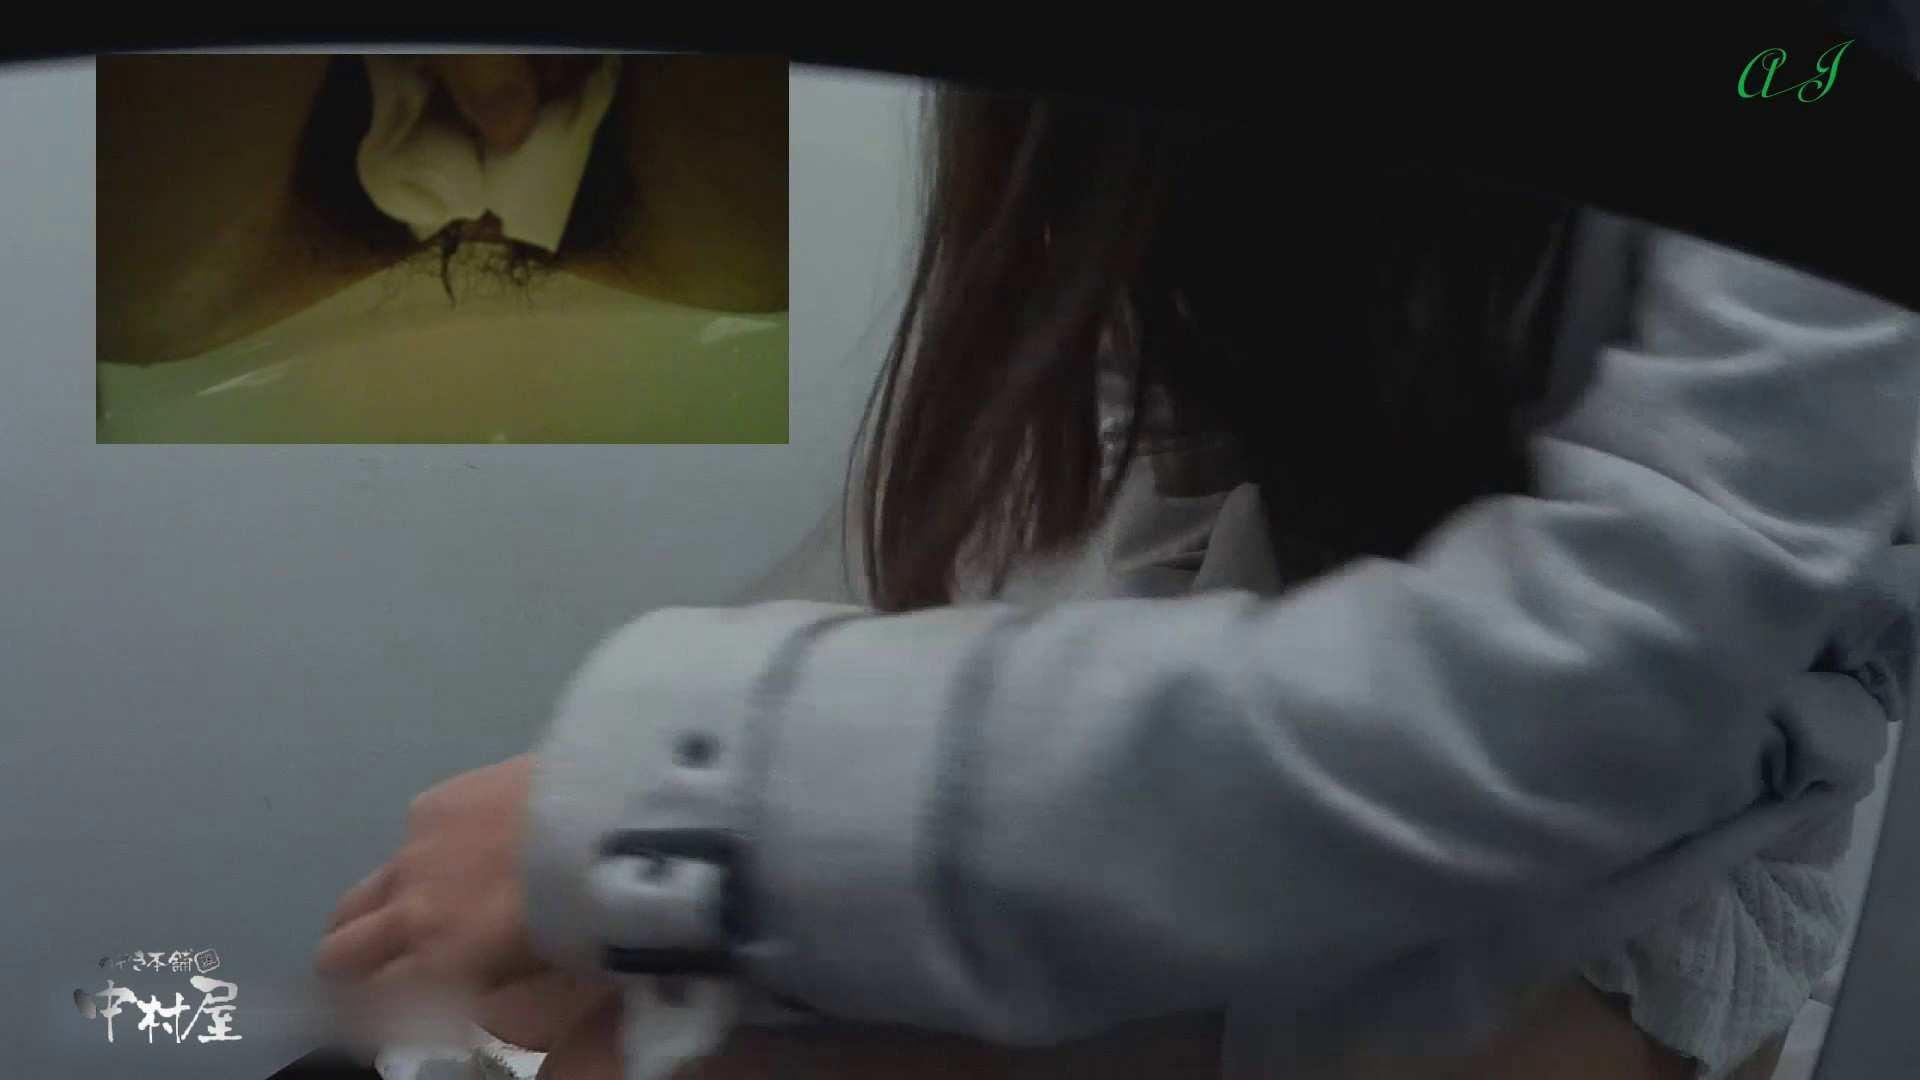 有名大学女性洗面所 vol.82 前編 洗面所編 のぞき動画キャプチャ 91PIX 71